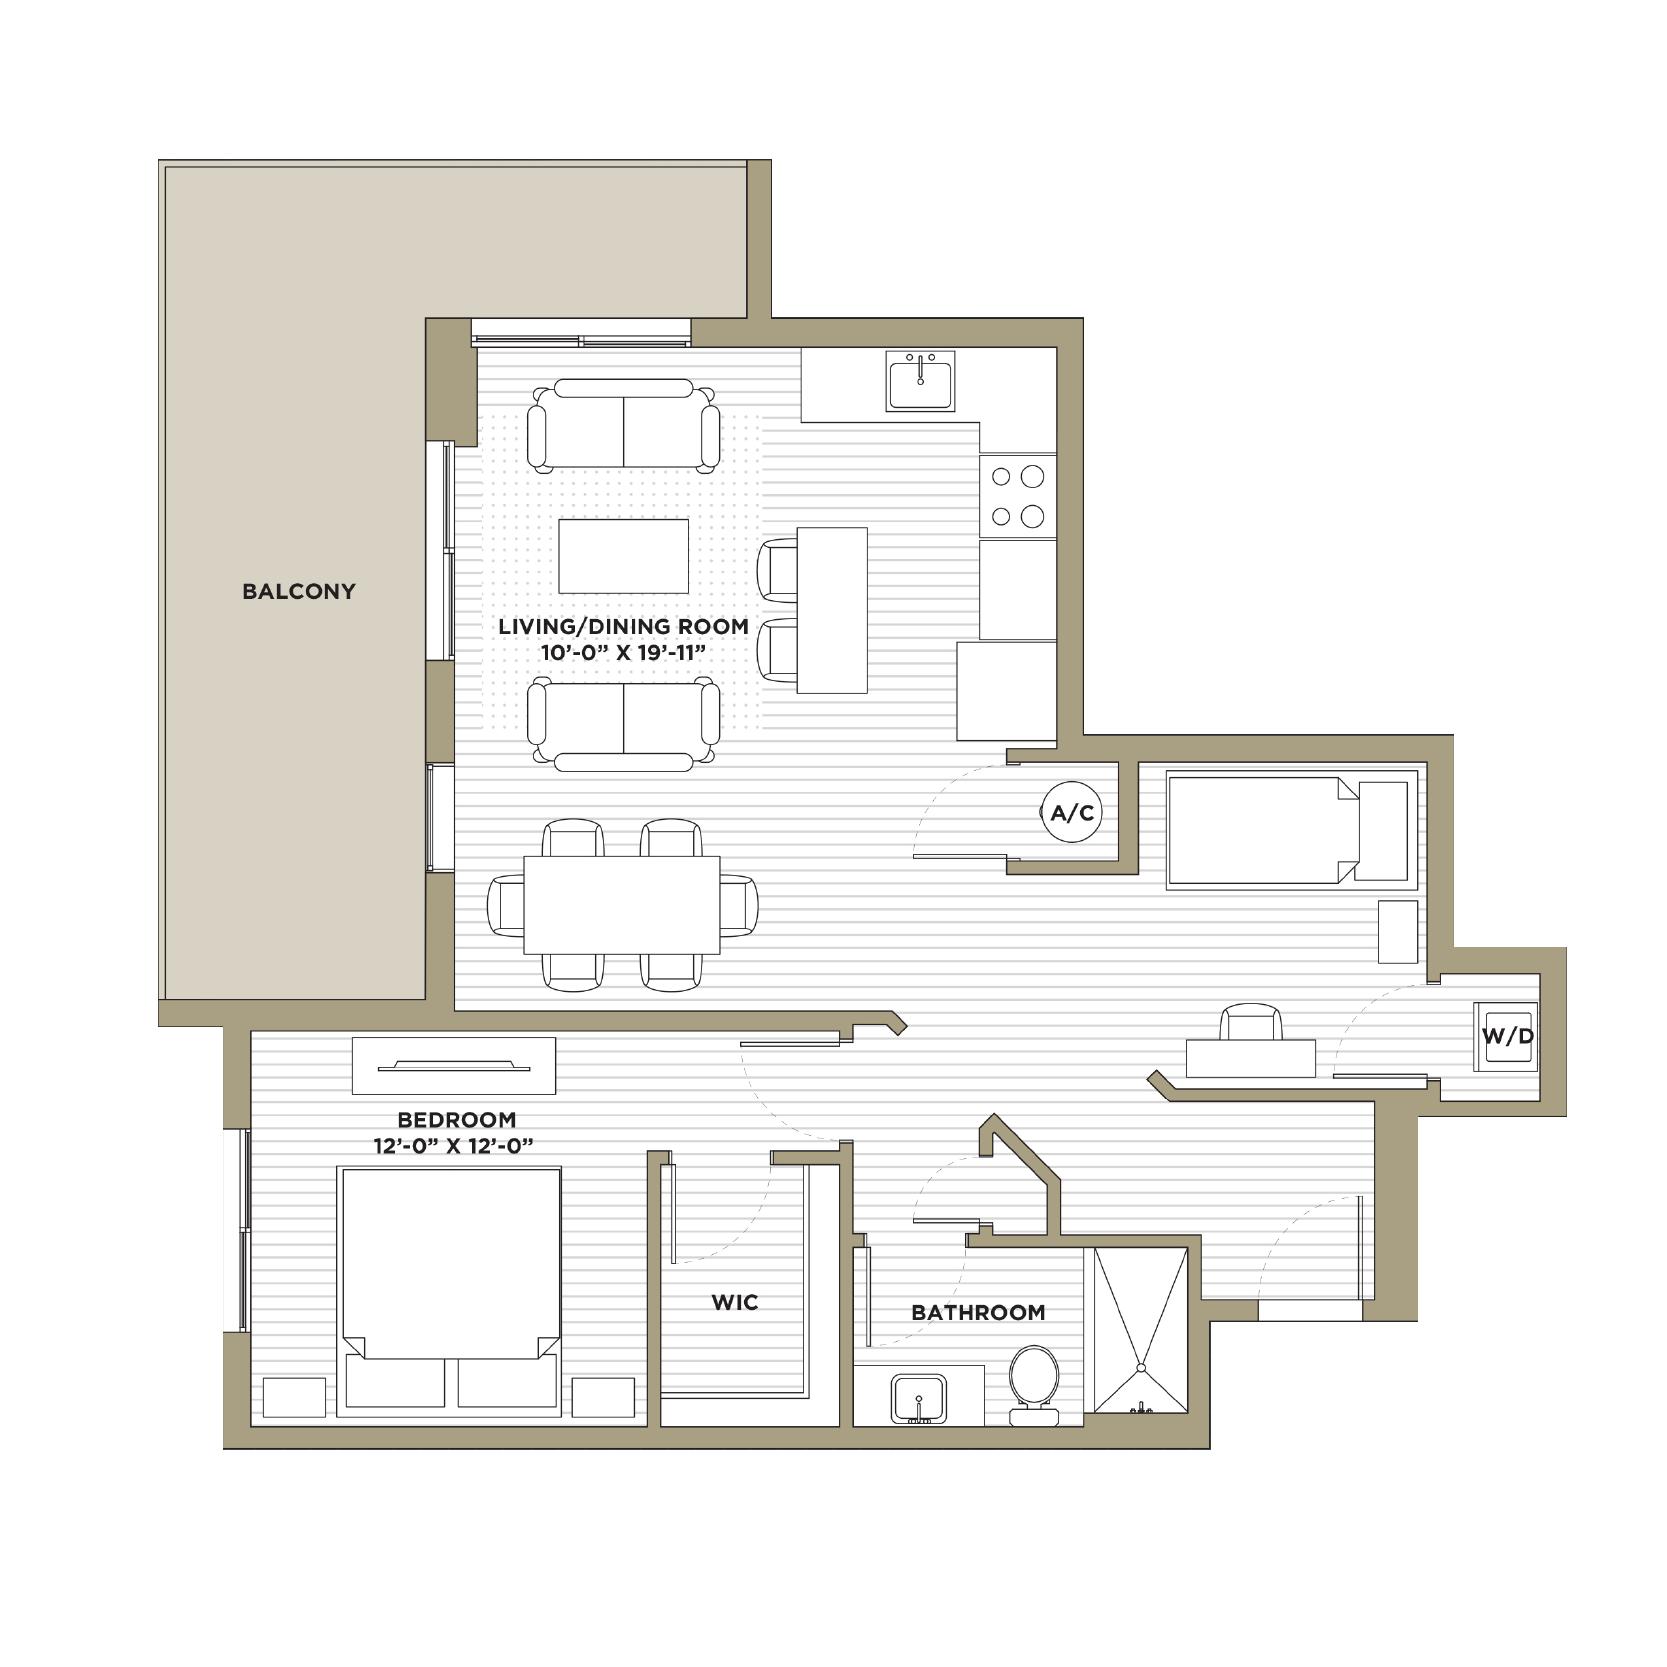 A8 - 1 Bedroom / 1 Bathroom973 sq. ft.